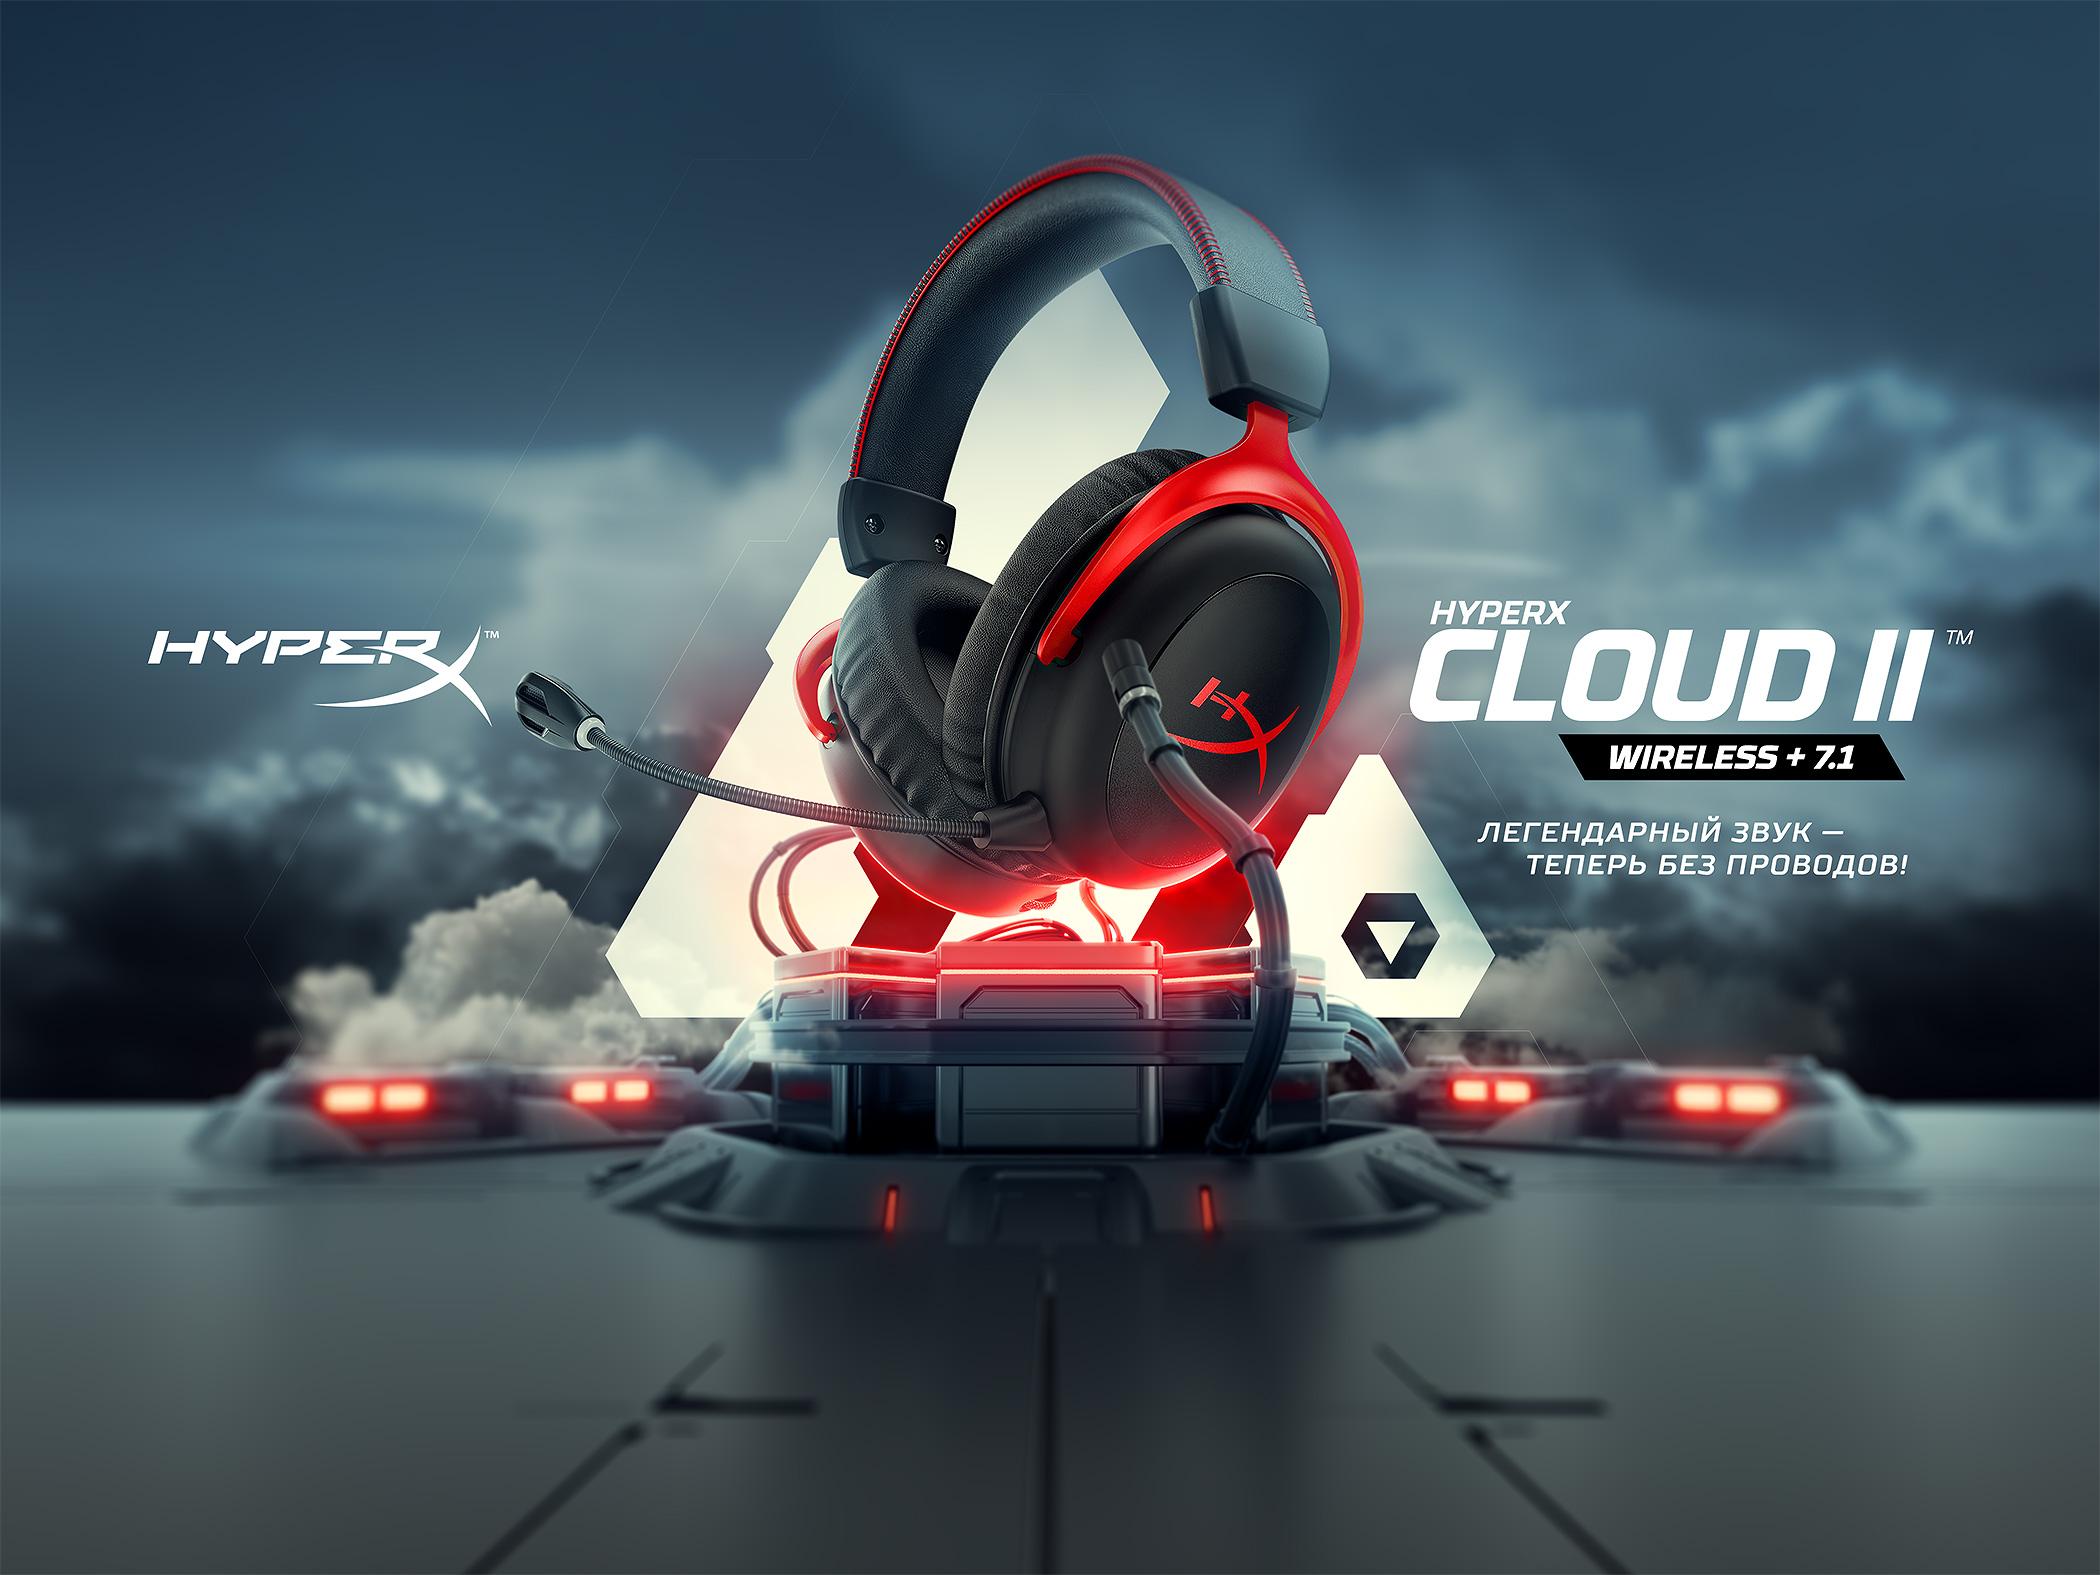 HyperX Cloud II Wireless: беспроводные игровые наушники с объёмным звуком 7.1 и автономностью до 30 часов за 5 199 грн